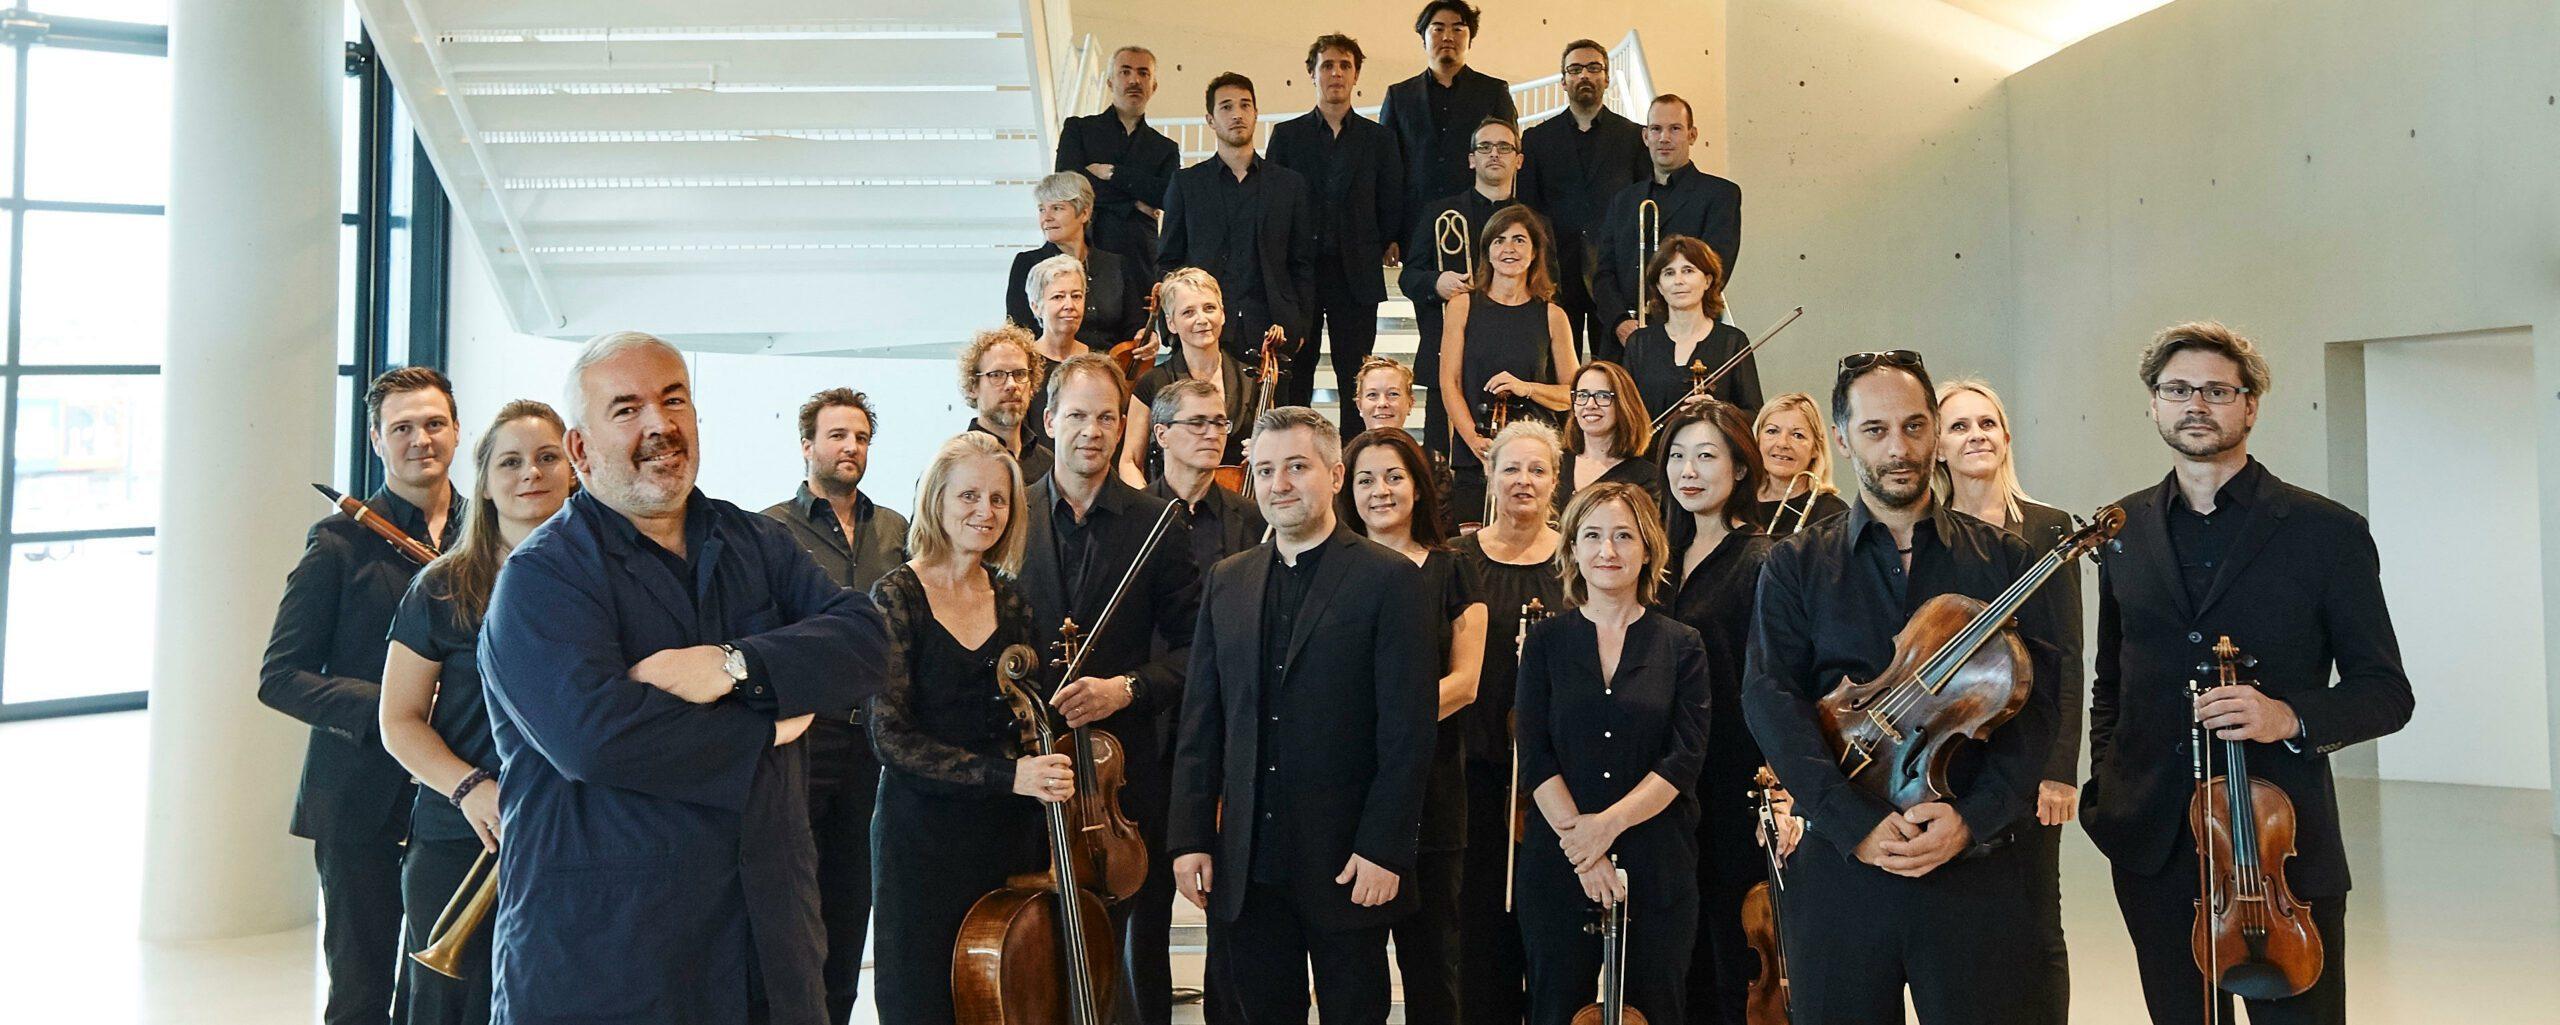 Mitridate Ópera de Mozart Palau de les Arts Les Arts És Òpera